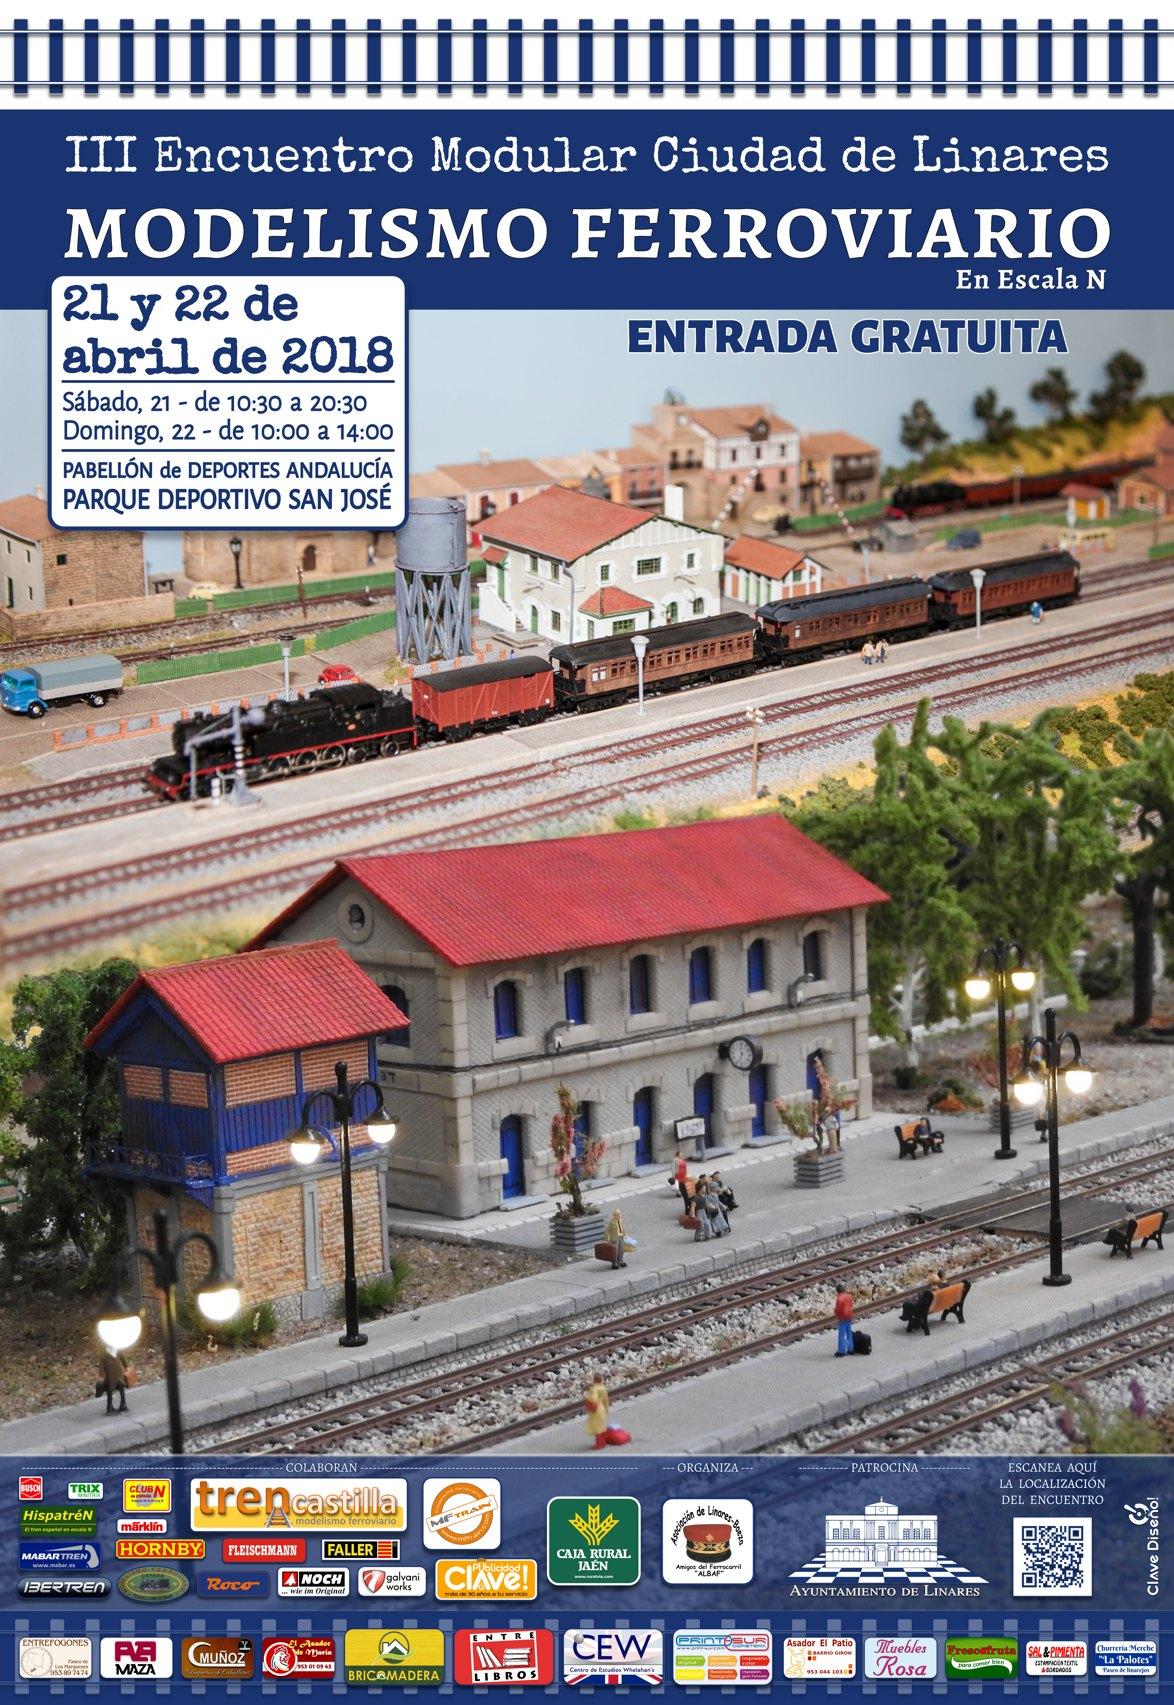 cartel del III Encuentro de modelismo ferroviario modular Ciudad de Linares, diseñado por Publicidad Clave 3Diseño